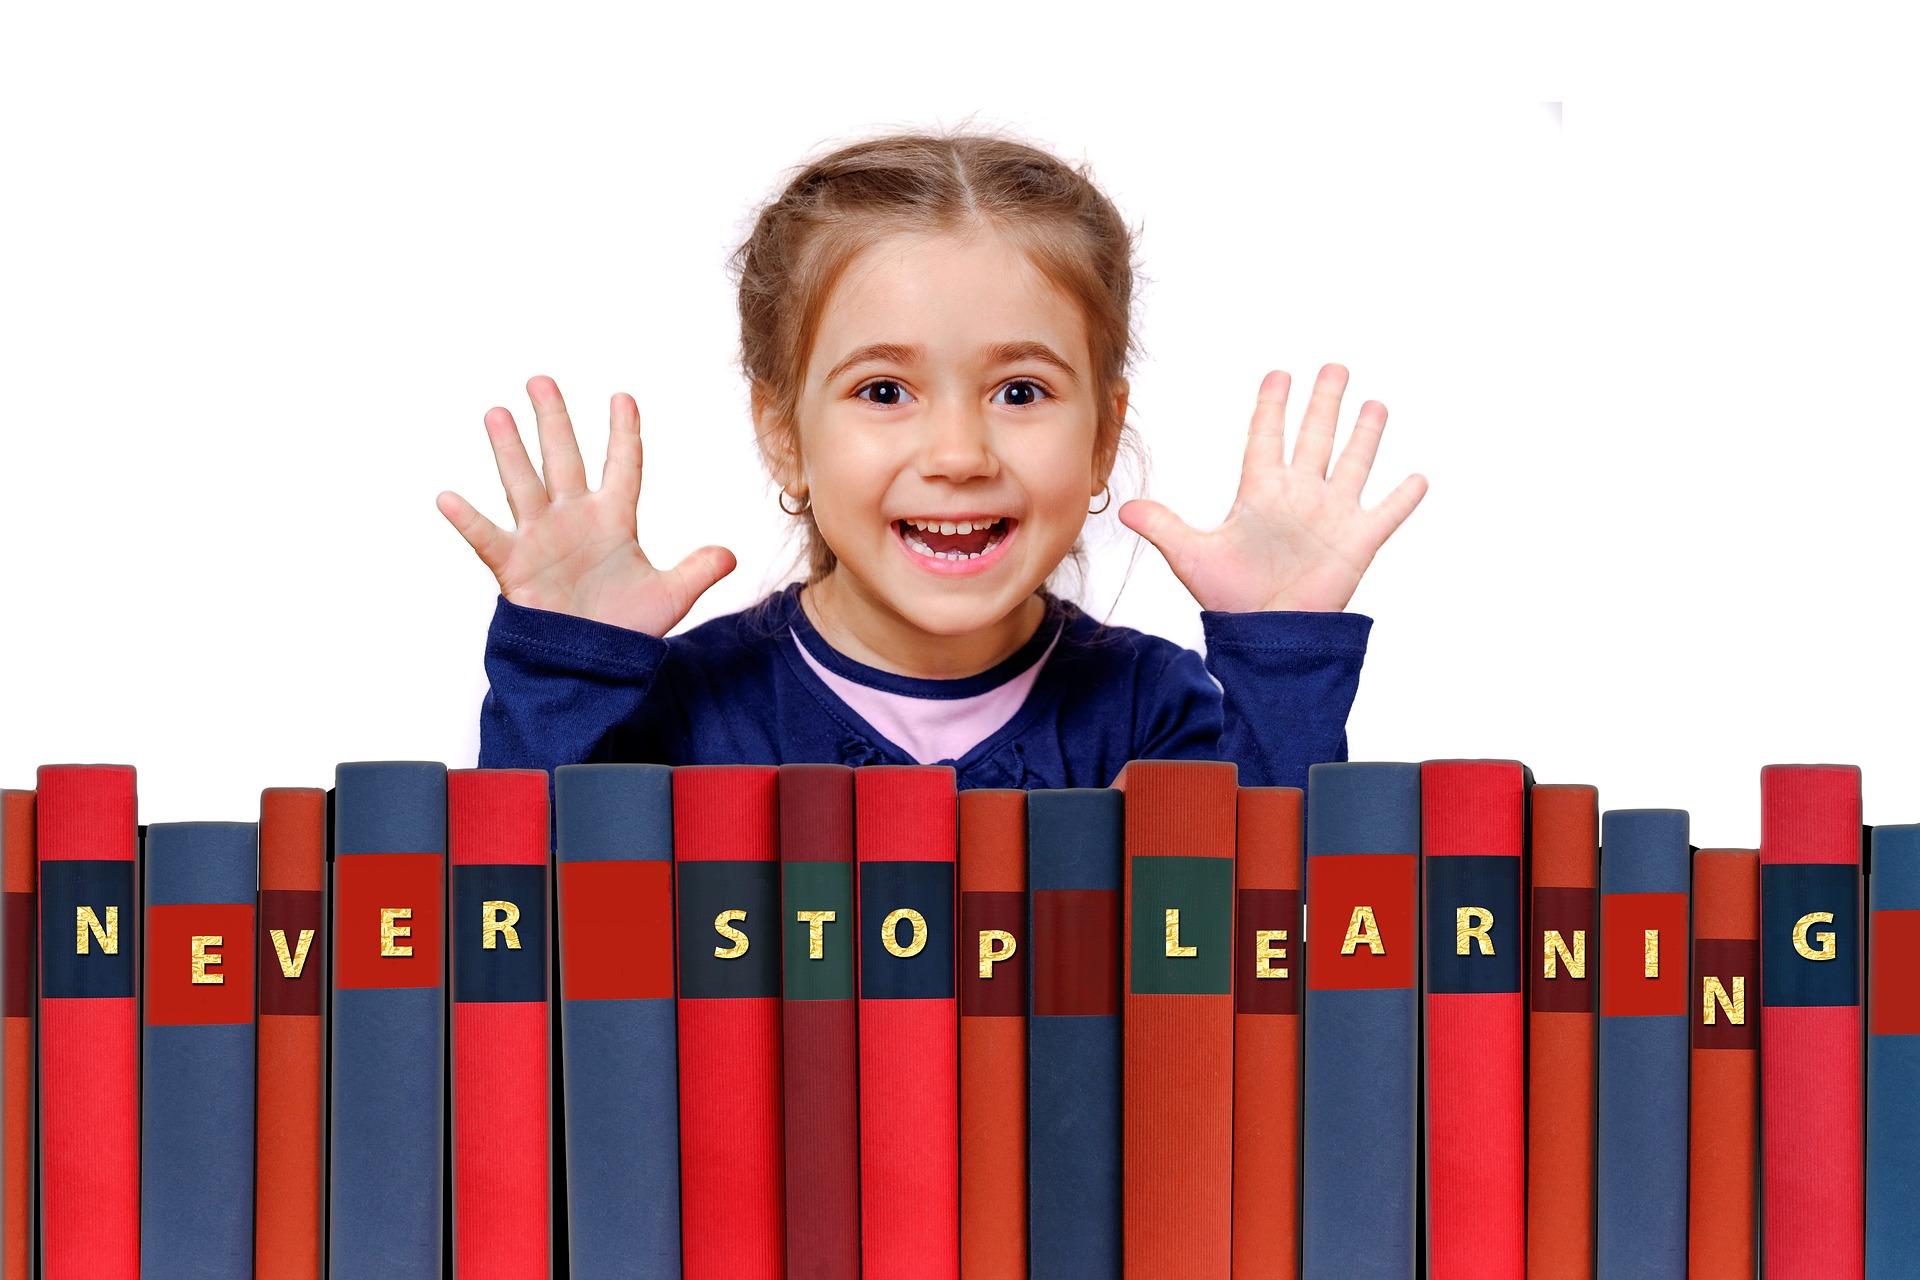 0learn-2706897_1920 copy.jpg